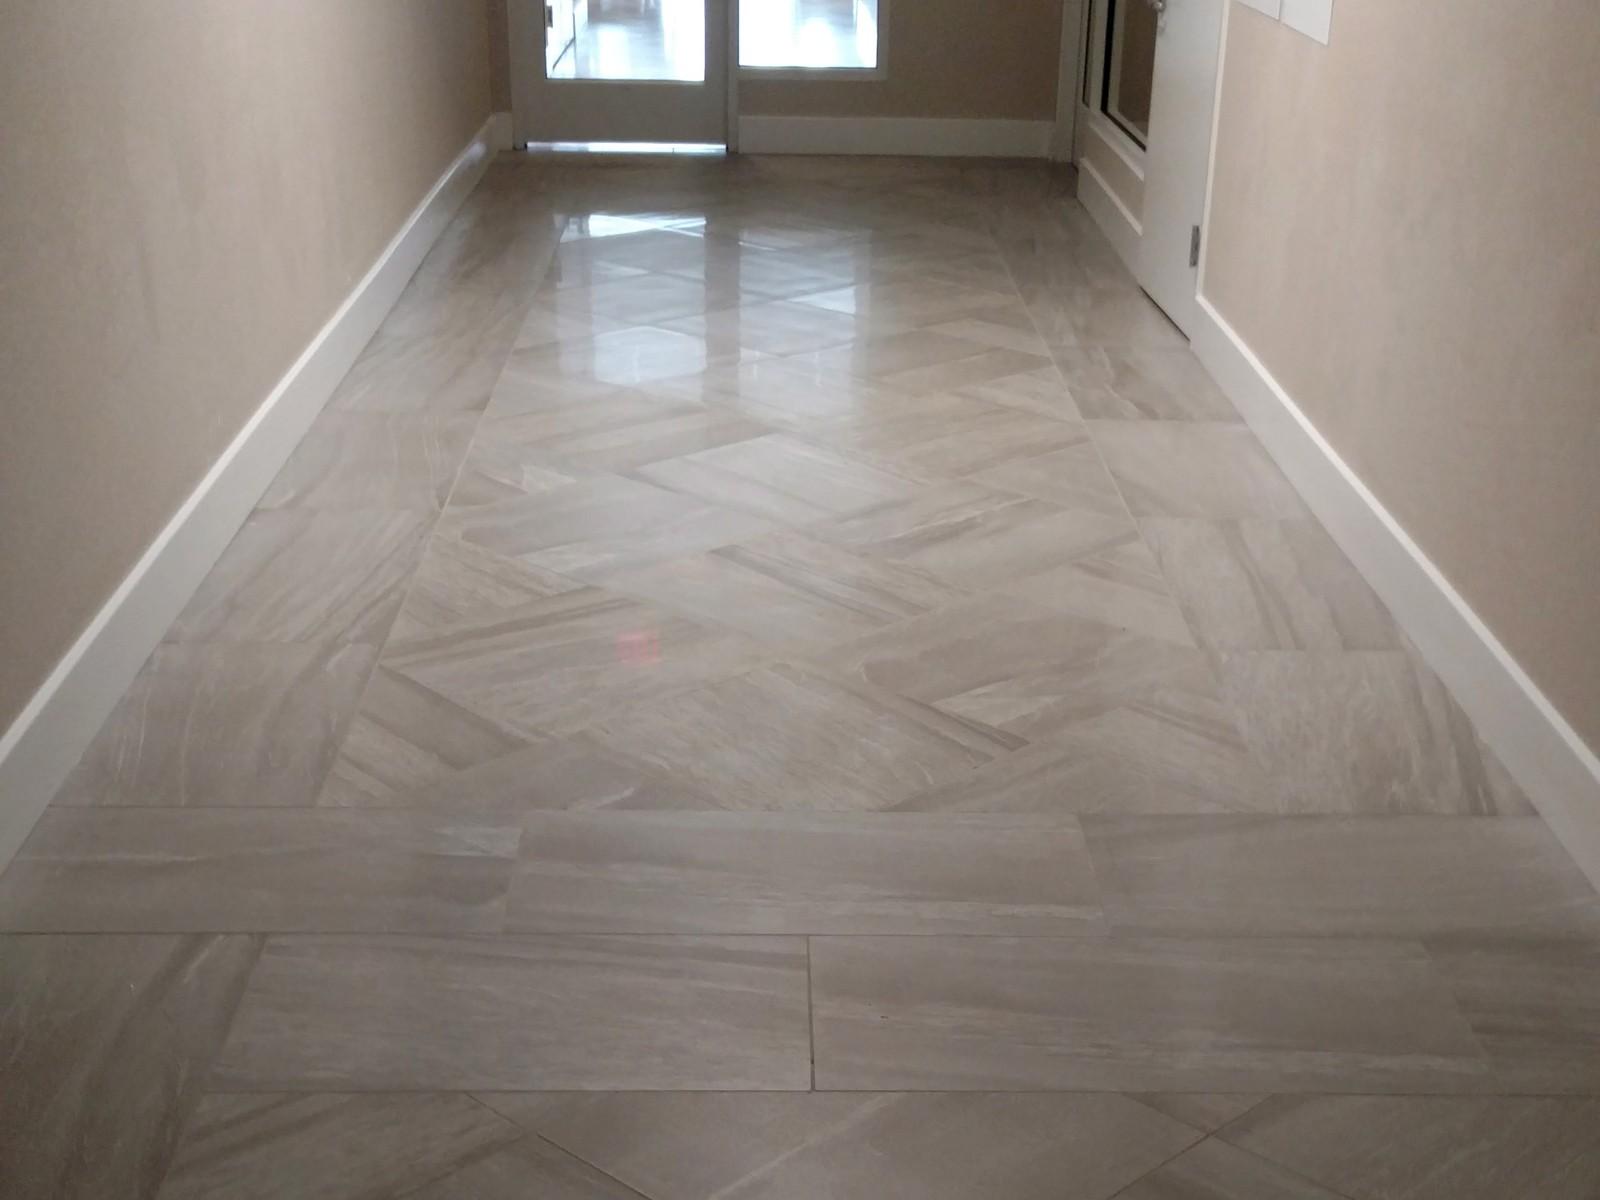 Hilton Garden Inn Springfield tile floor| Flooring Installation System